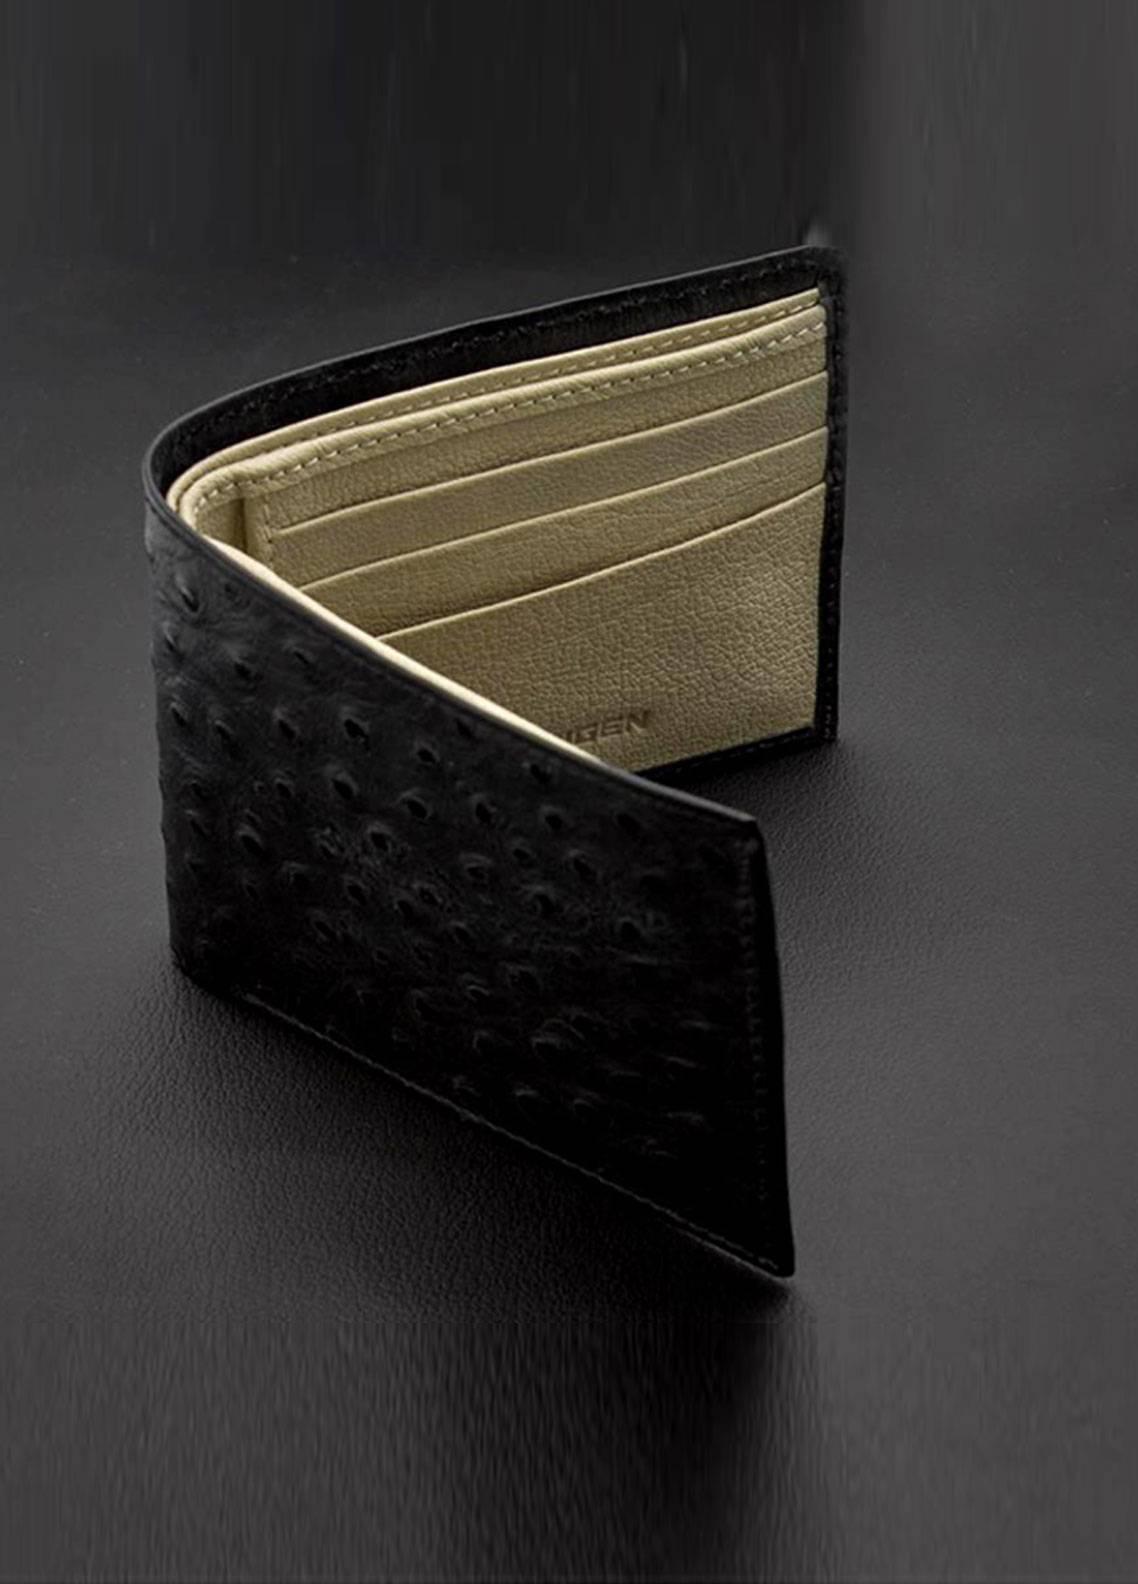 Skangen Ostrich Premium Cow Leather Textured Wallets SKWT-1005 - Men's Accessories